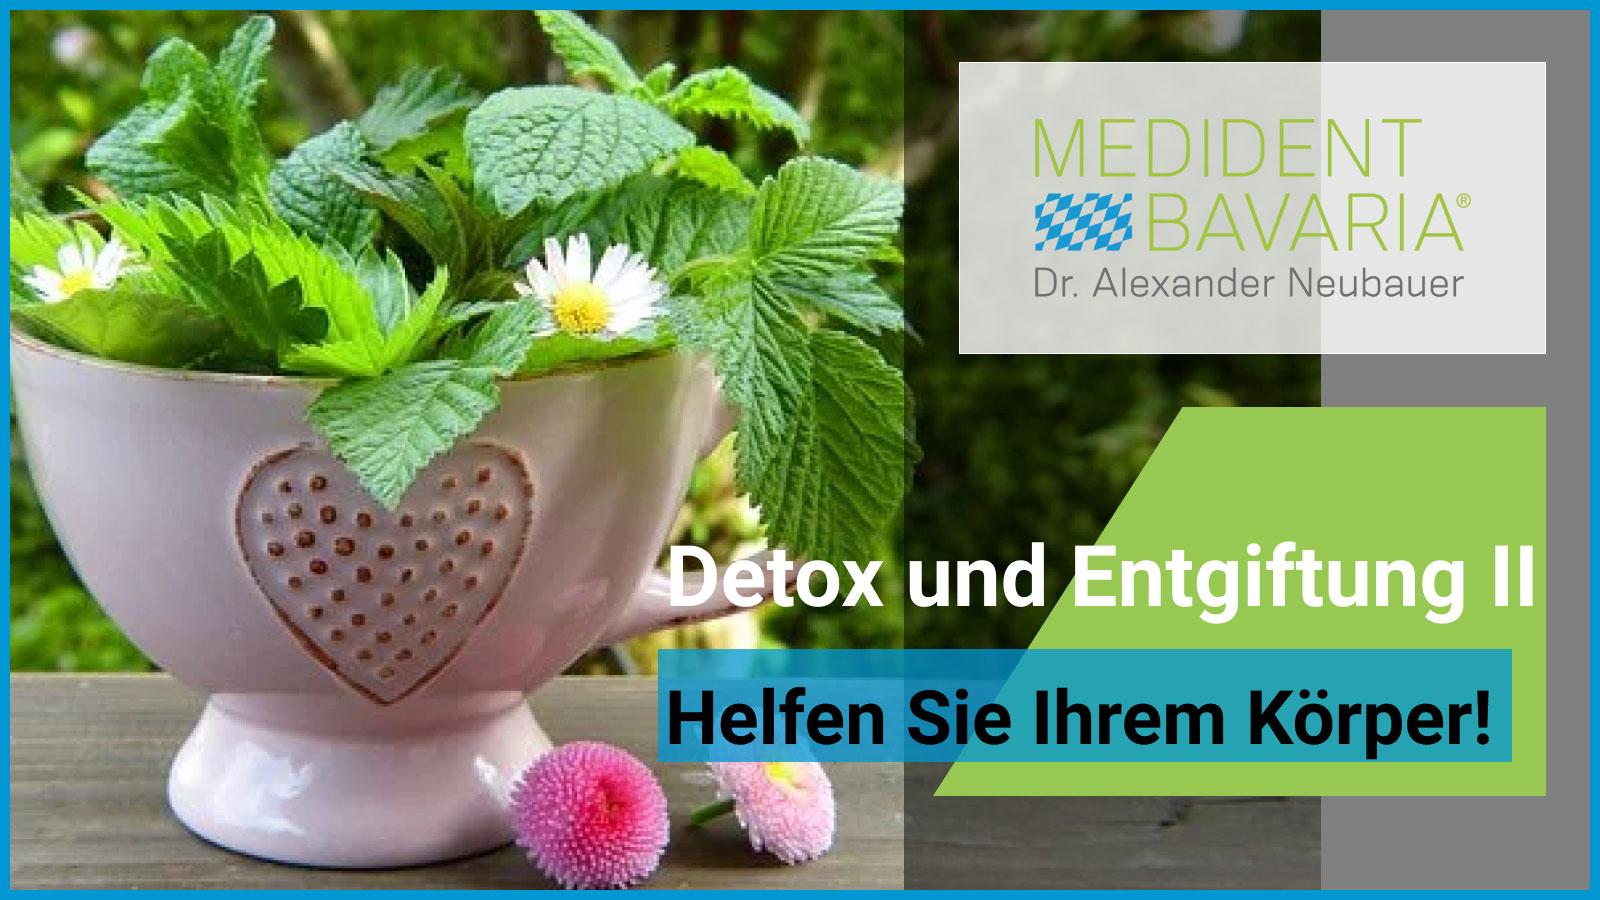 Detox und Entgiftung – helfen Sie Ihrem Körper! Teil 2